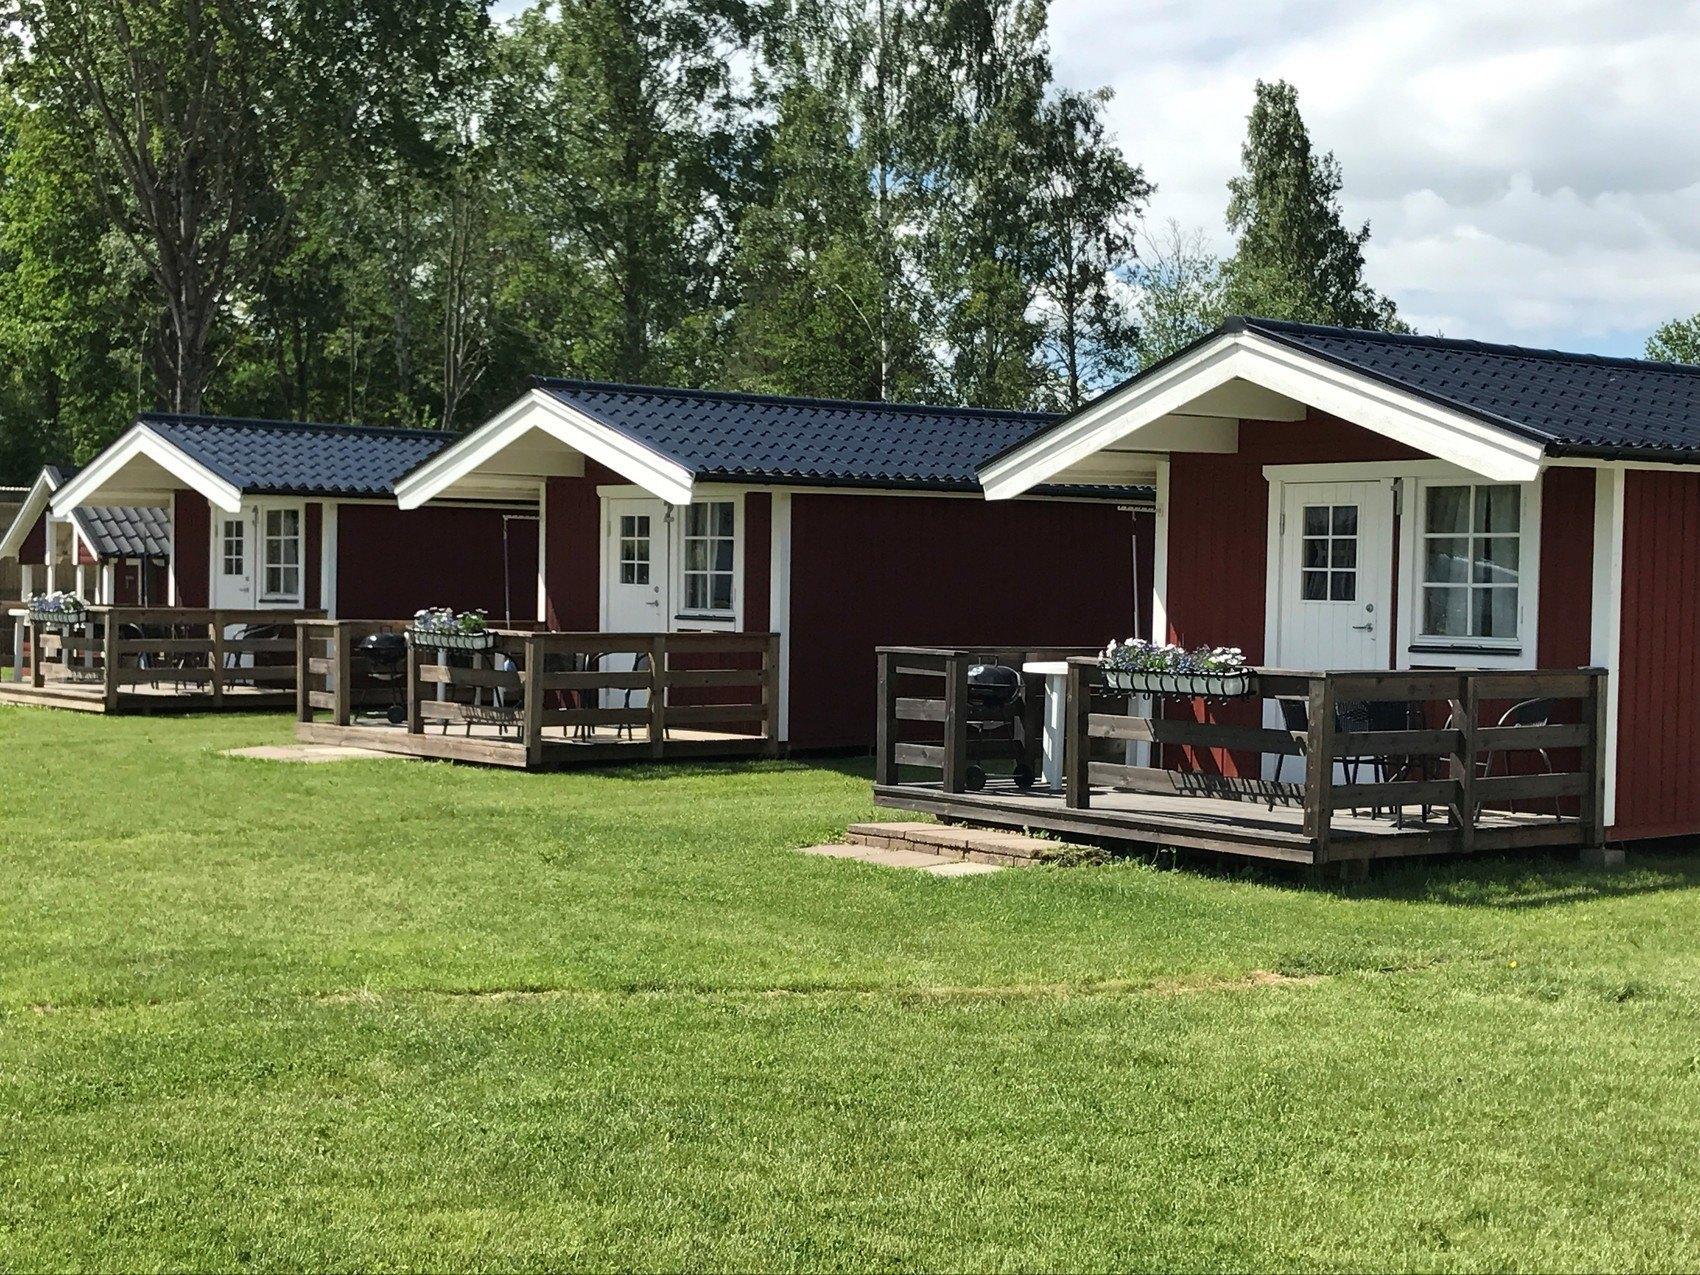 Tre röda campingstugor ligger på rad på en gräsplan.